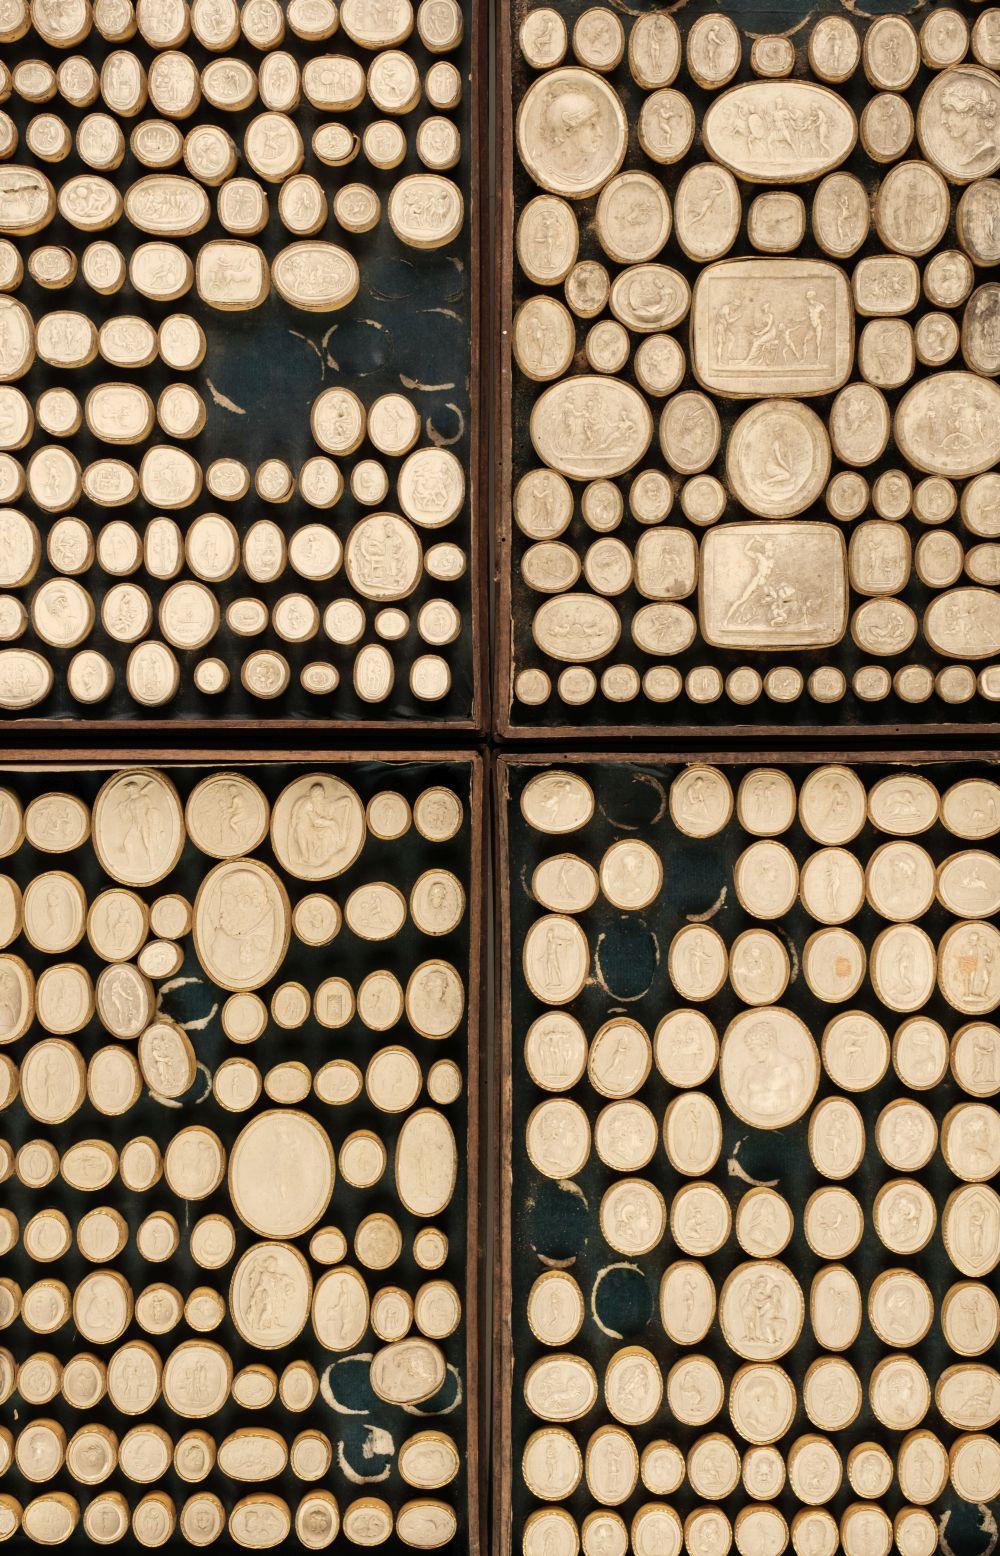 * Grand Tour Plaster Intaglios, 19th century